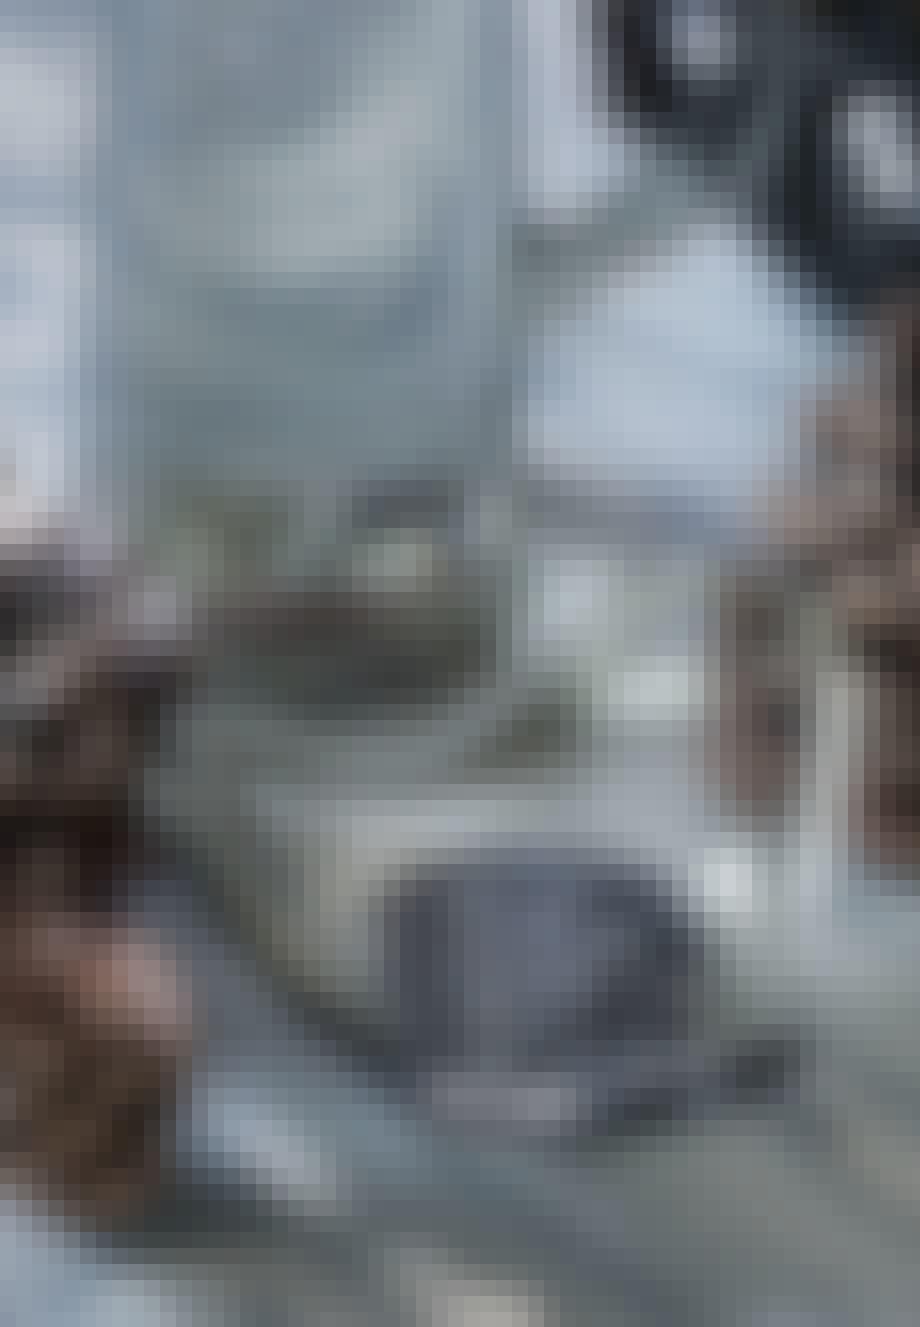 Røgfarvet glas fra Holmegaard